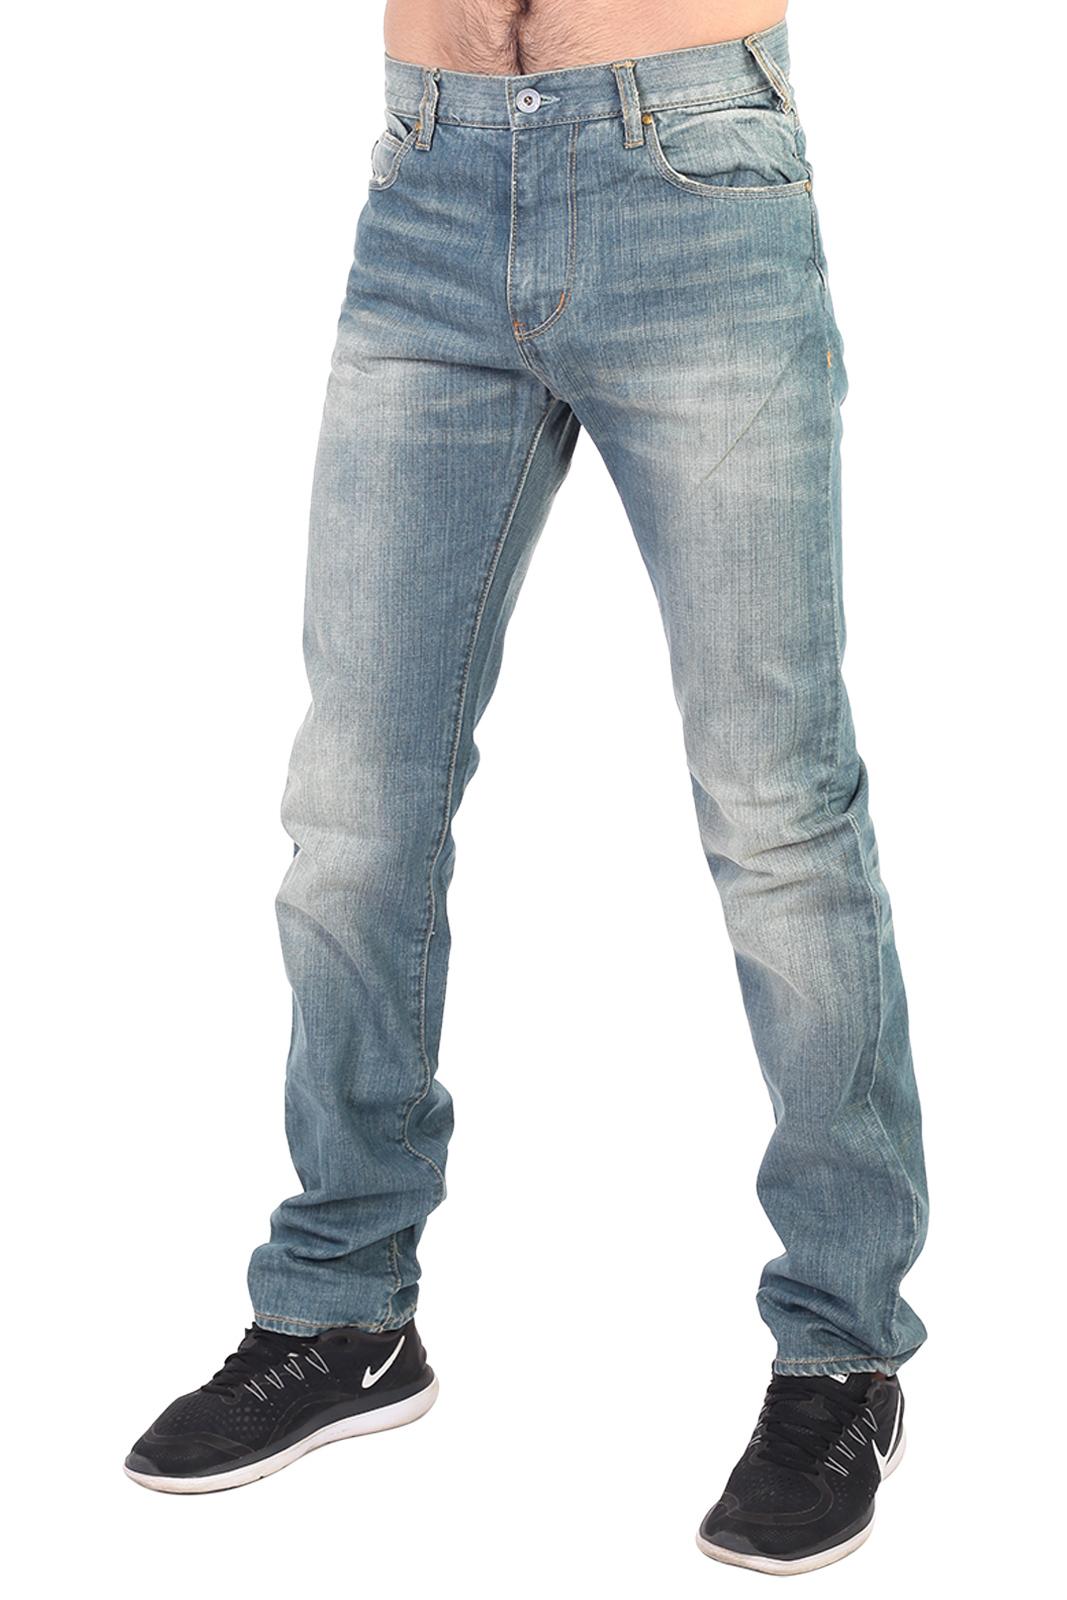 Купить фирменные мужские джинсы в интернет магазине